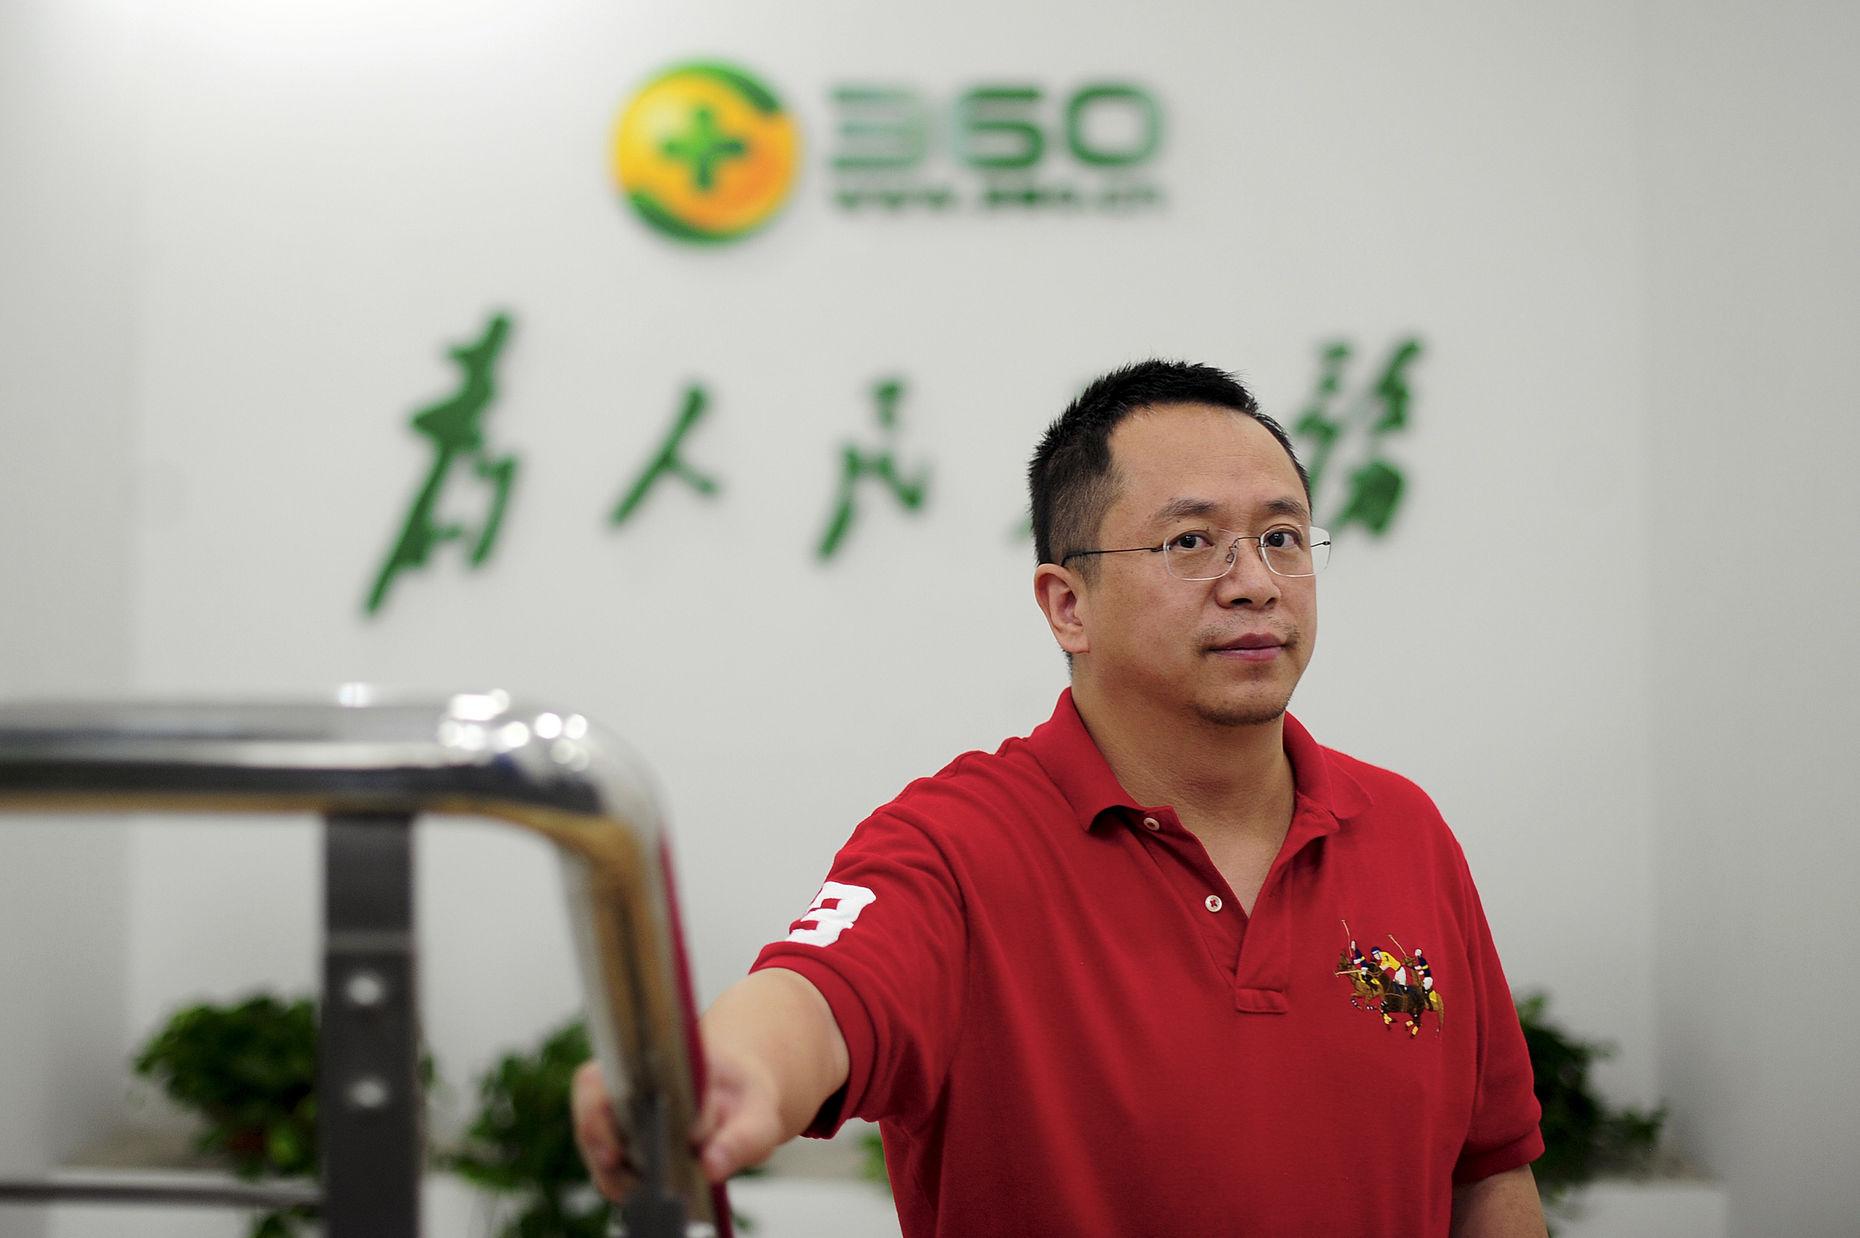 Qihoo CEO Hongyi Zhou. Photo by Bloomberg.